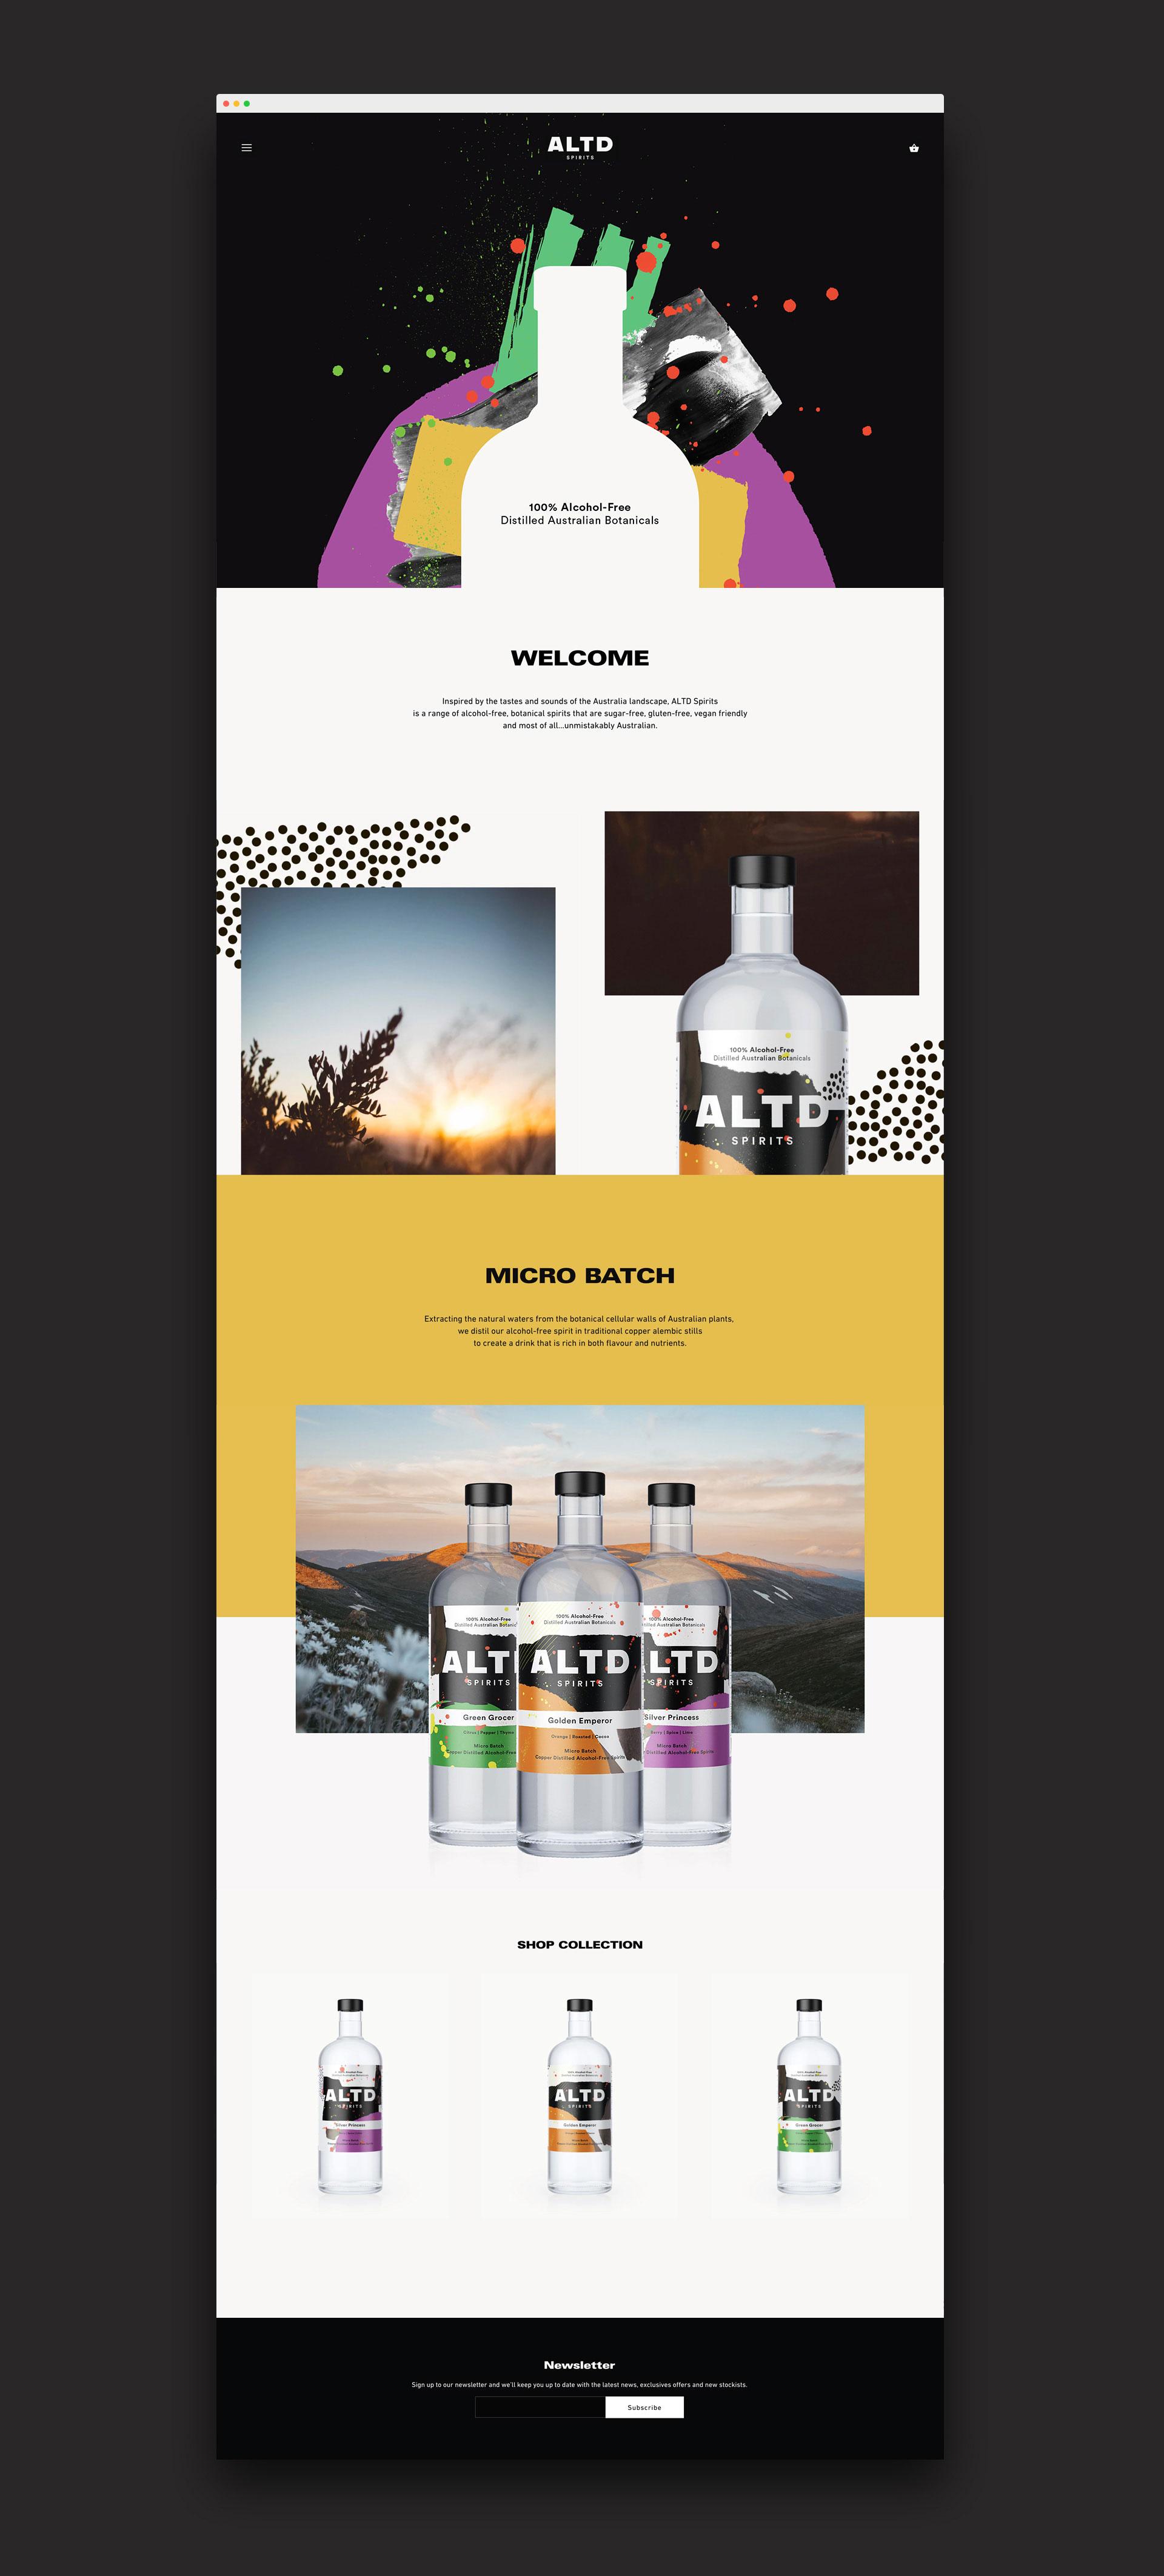 Nectar-&-Co-ALTD-Spirits-Website-Homepage-Full.jpg